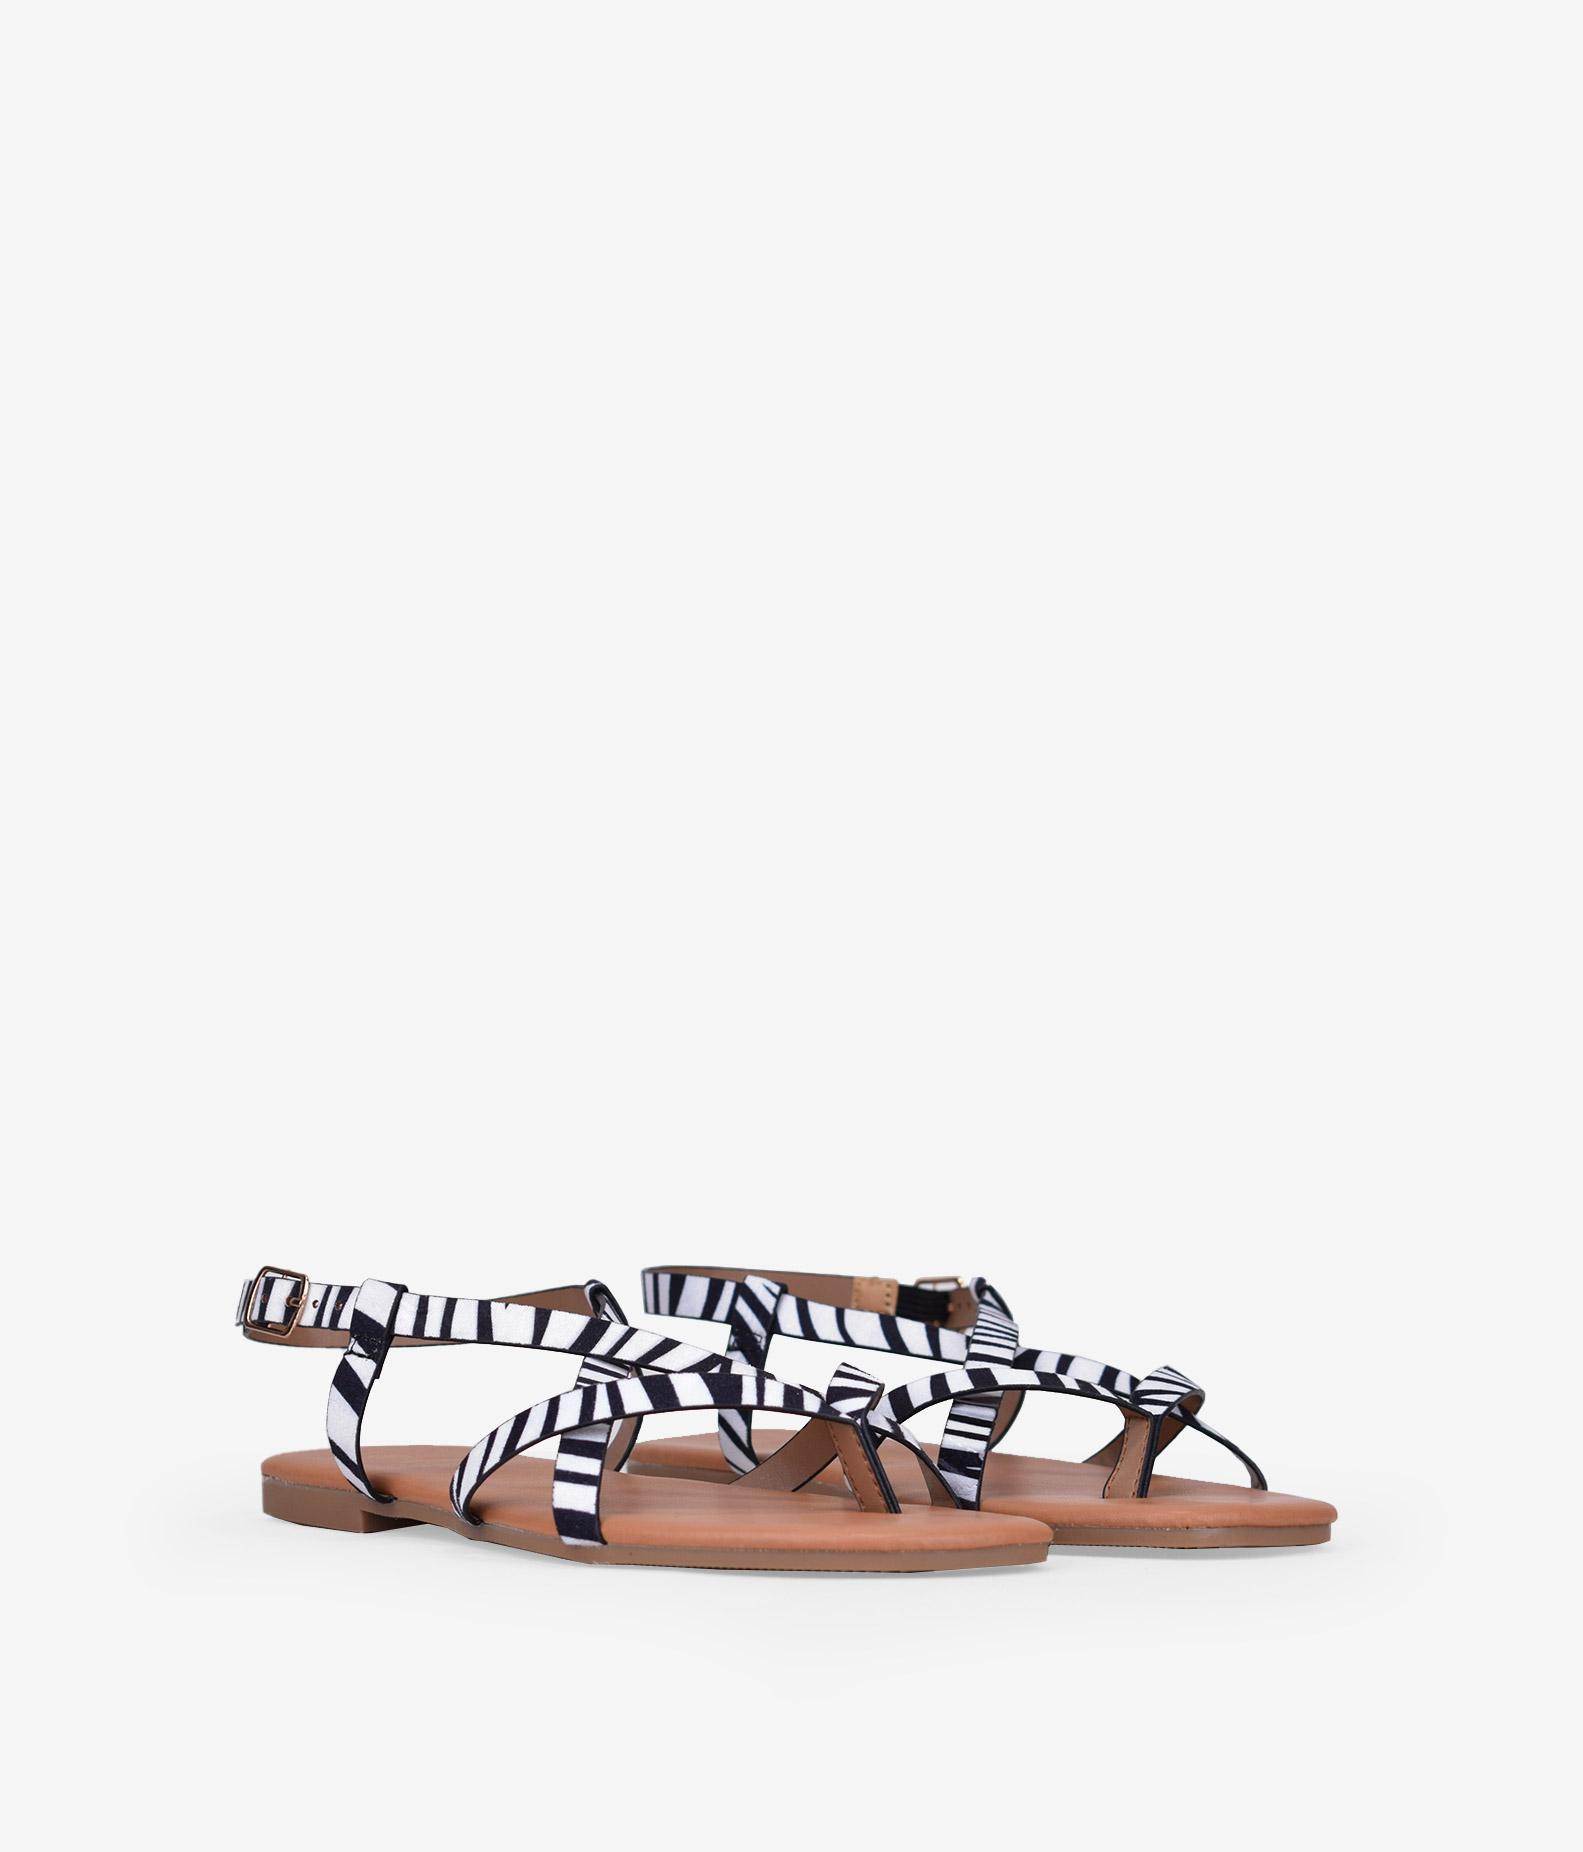 sandalias-planas-cebra